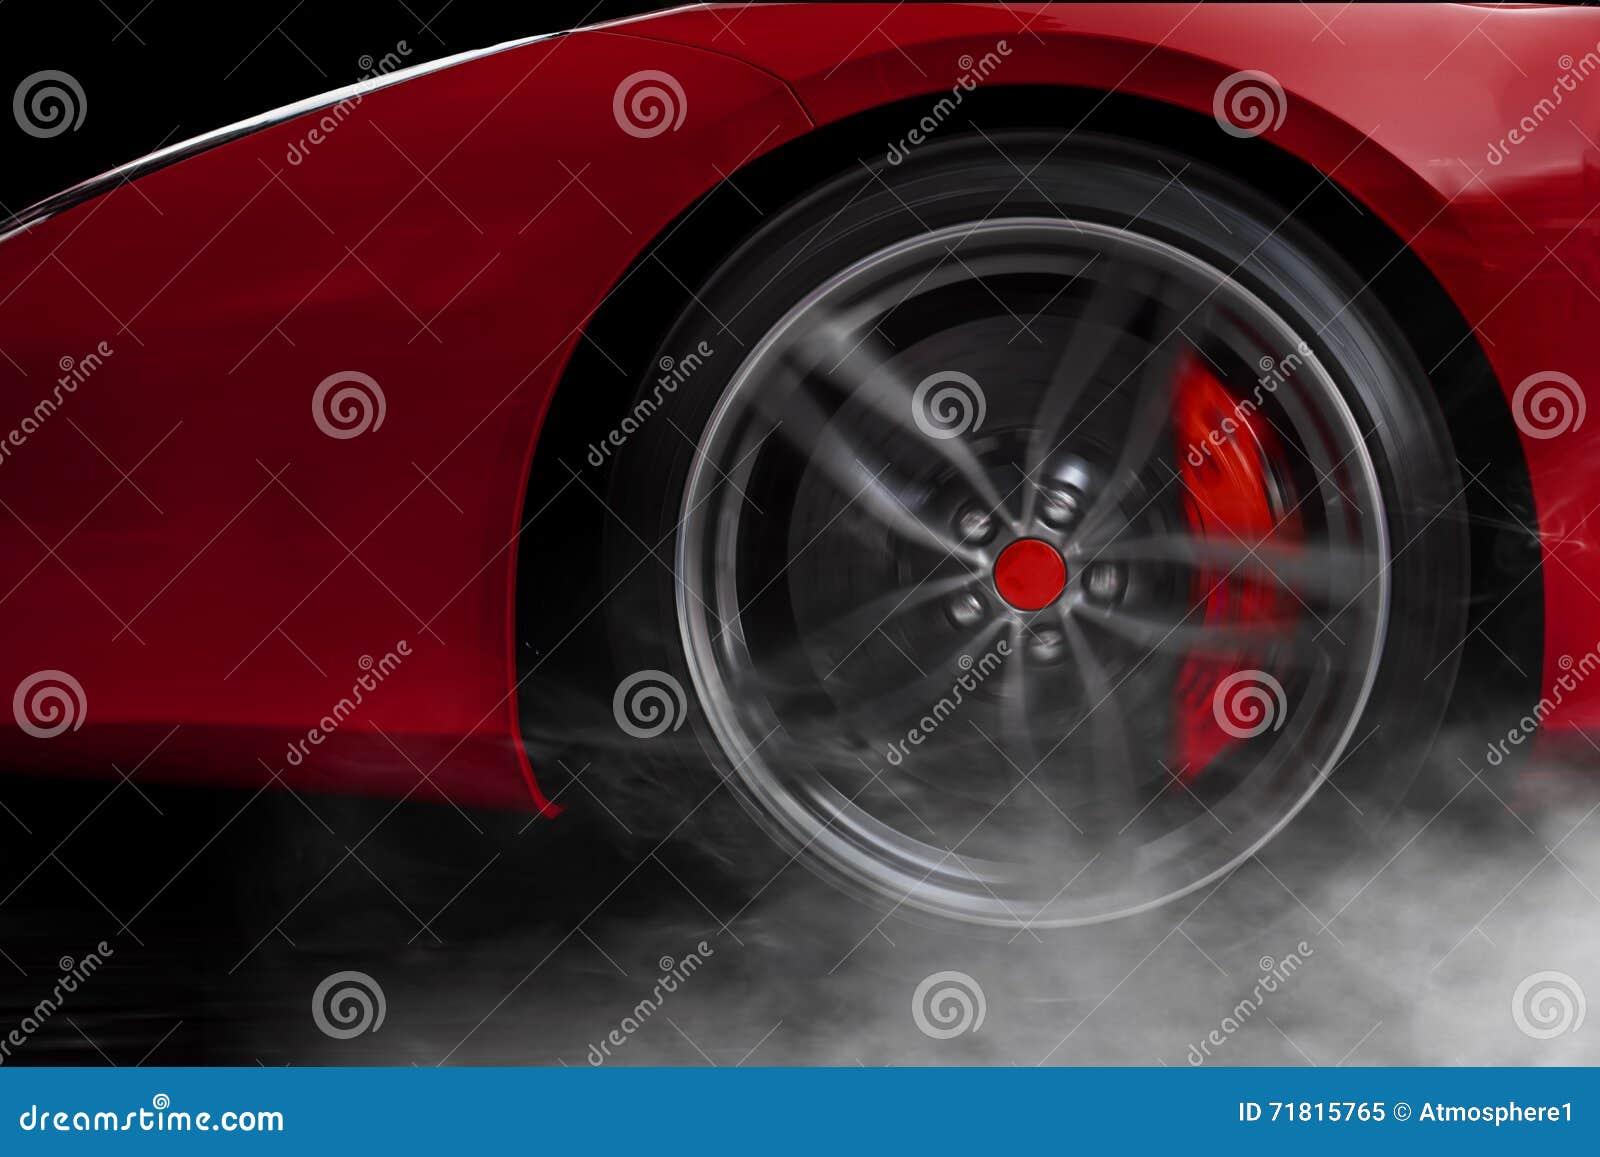 Odosobniony rodzajowy czerwony sportowy samochód z szczegółem na kole z czerwienią łama dryfować i dymić na ciemnym tle